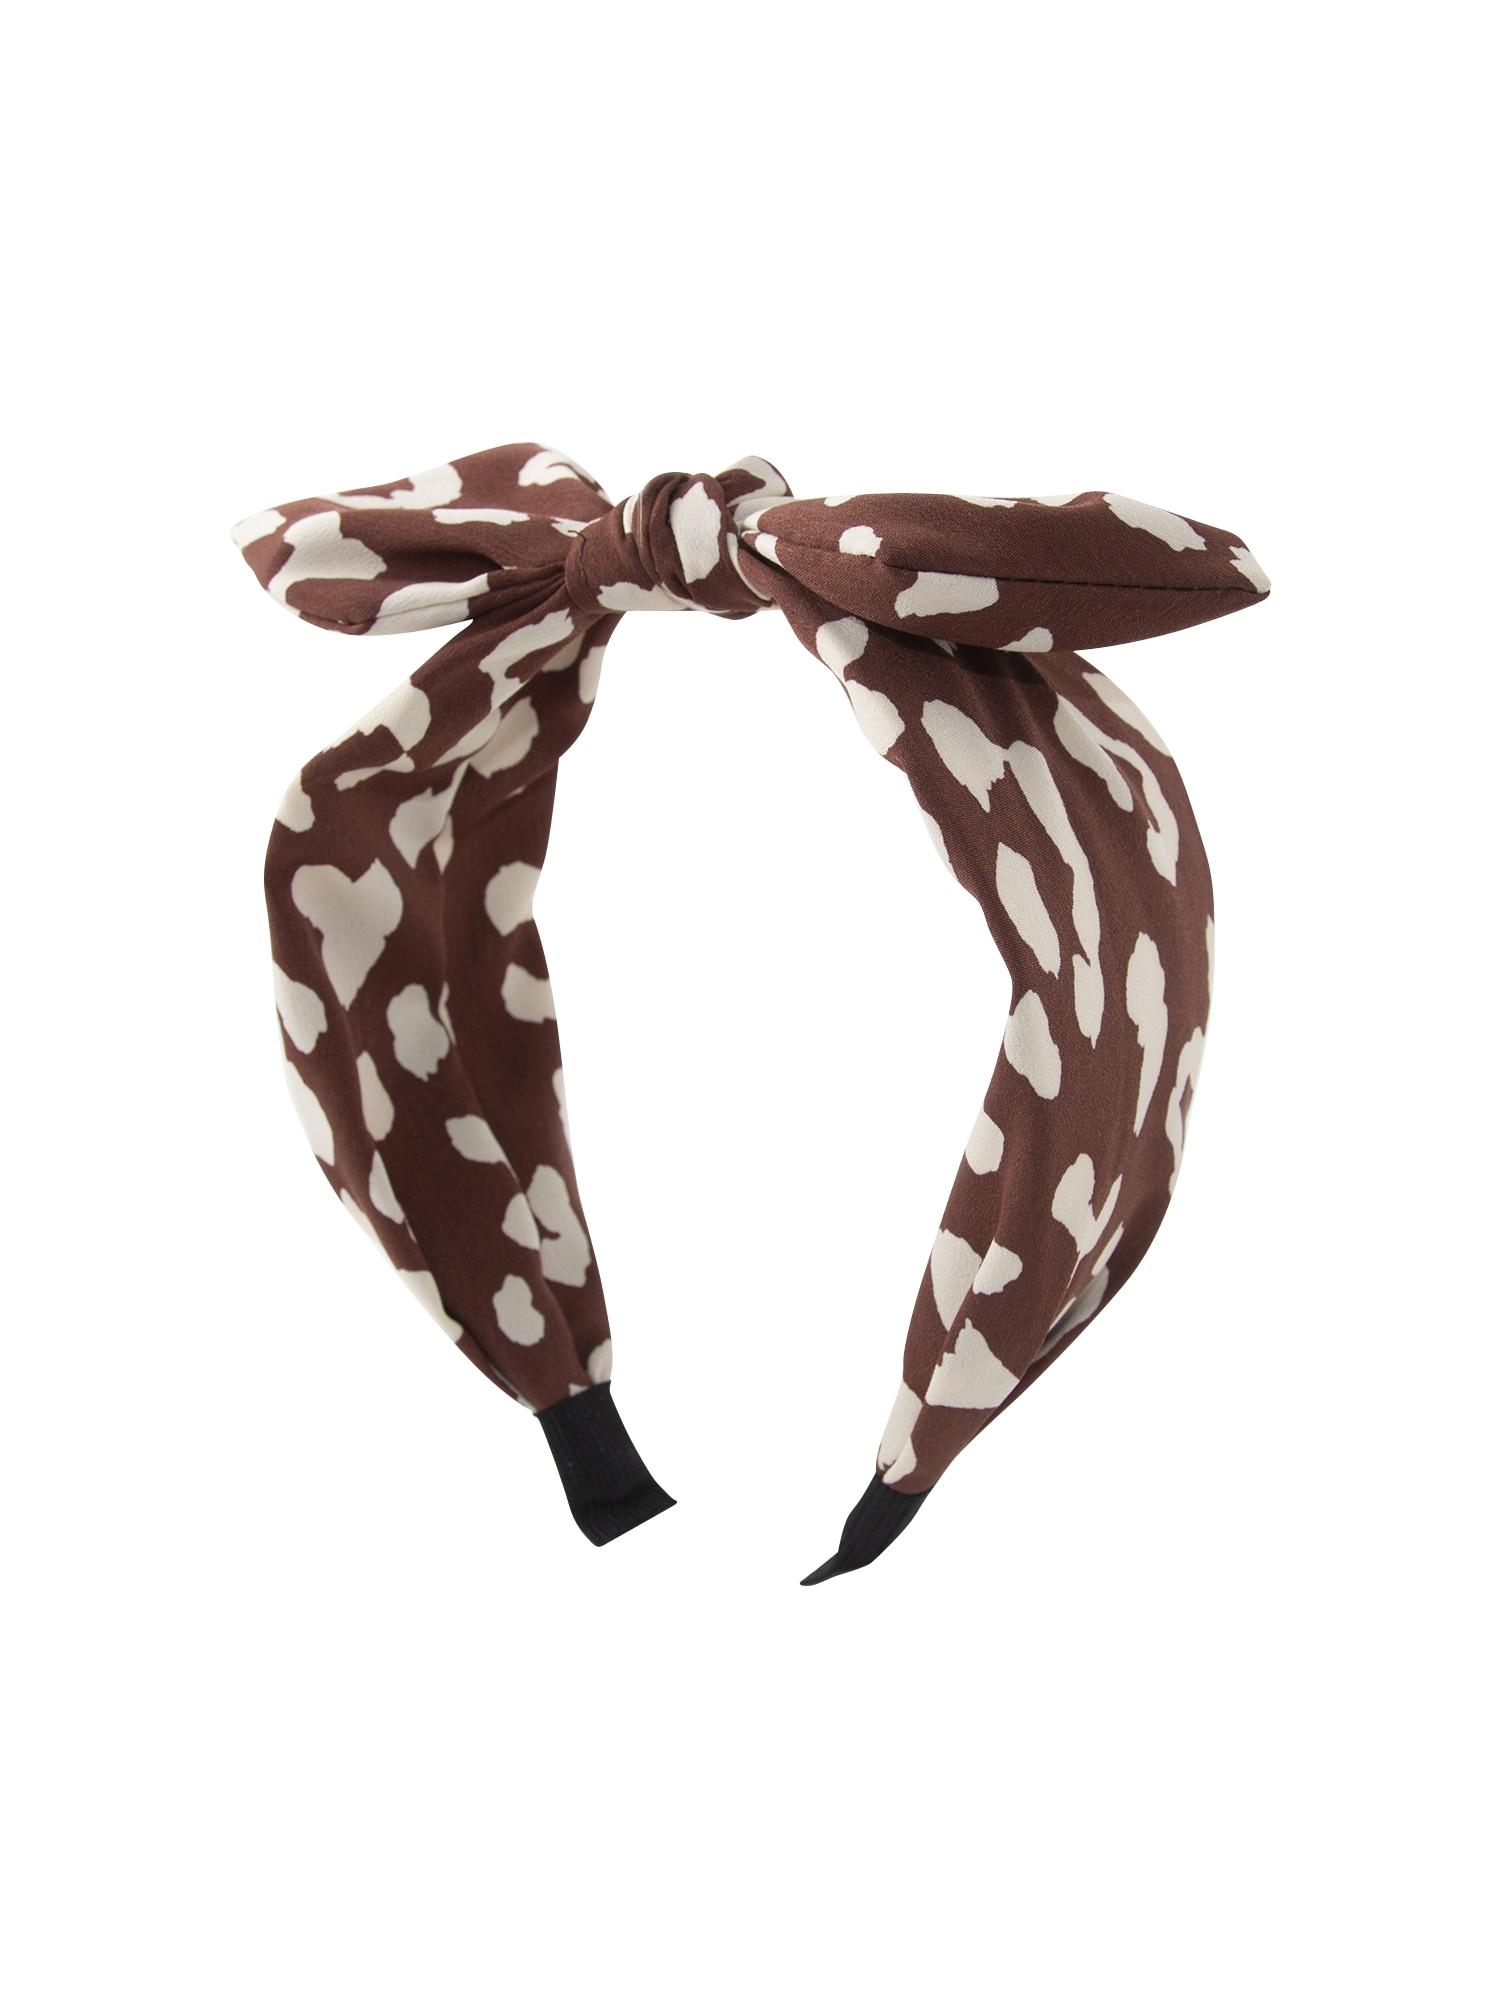 Šperky do vlasů tan animal headband béžová hnědá Orelia